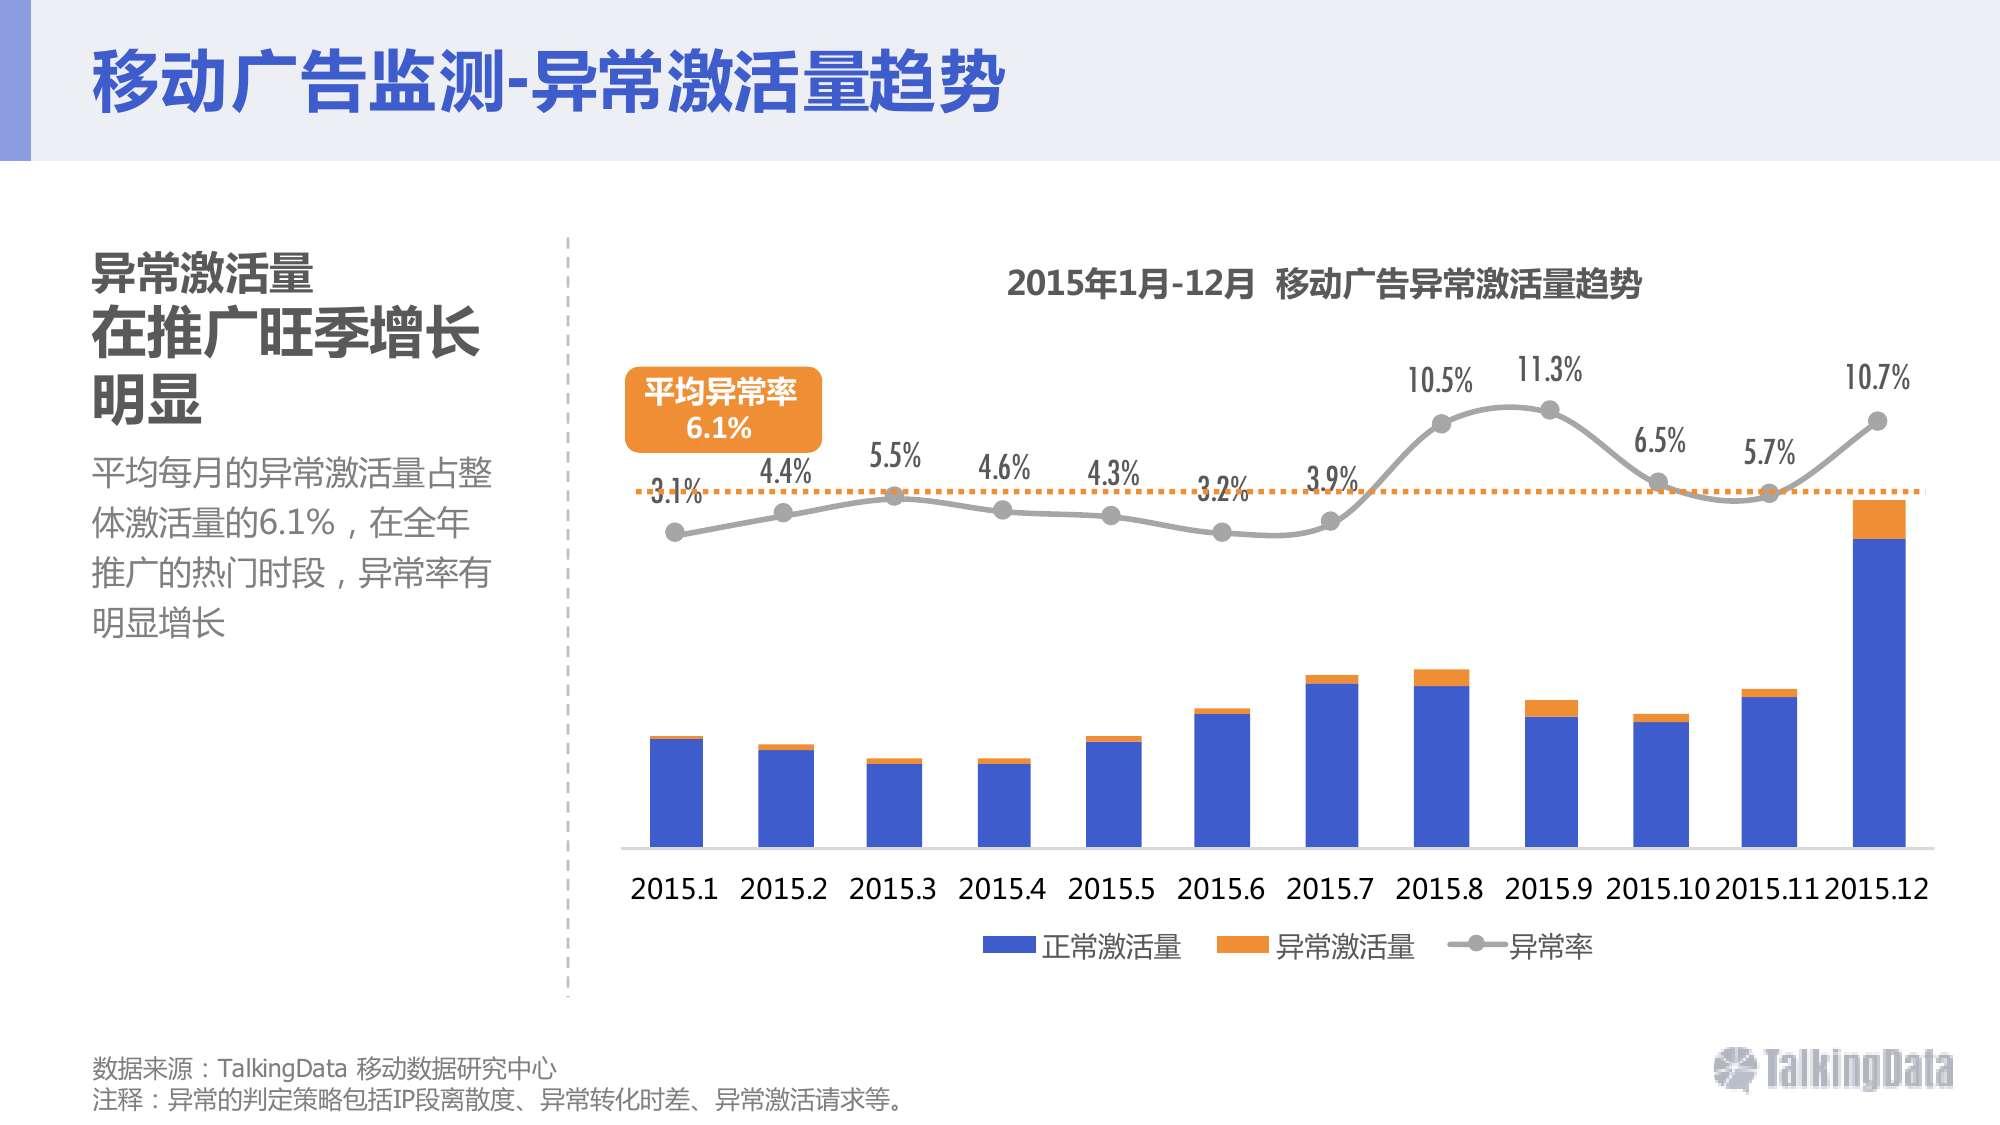 2015年移动广告行业报告_000021